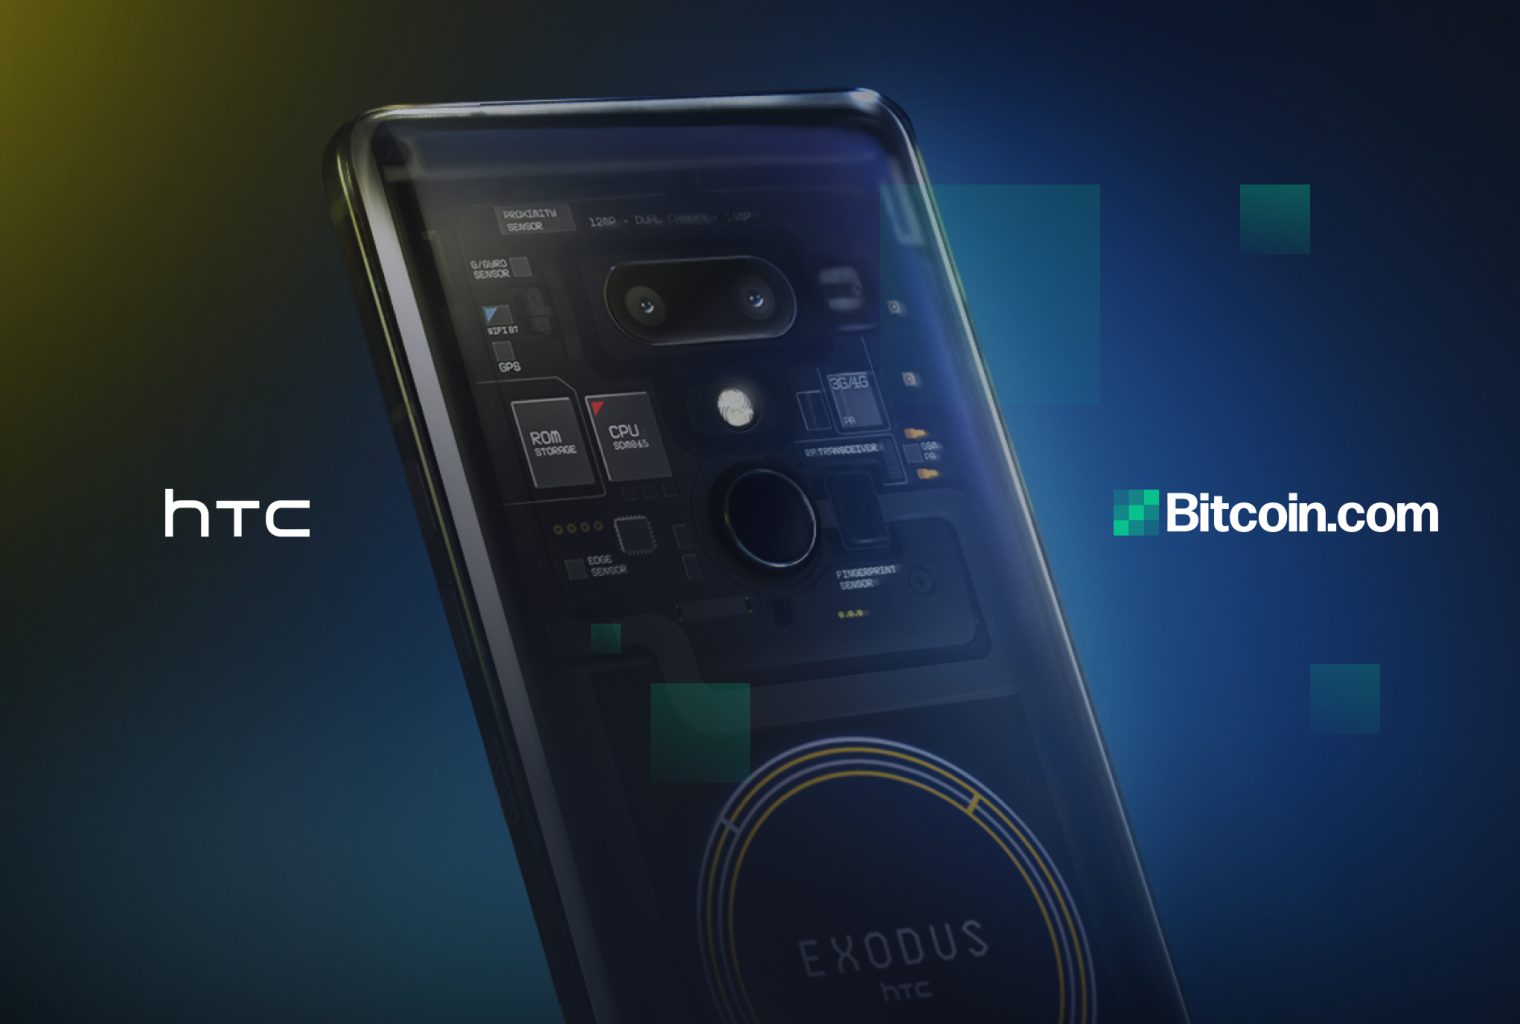 Nowy prezes i umowa z Bitcoinem - te zmiany mają pomóc HTC